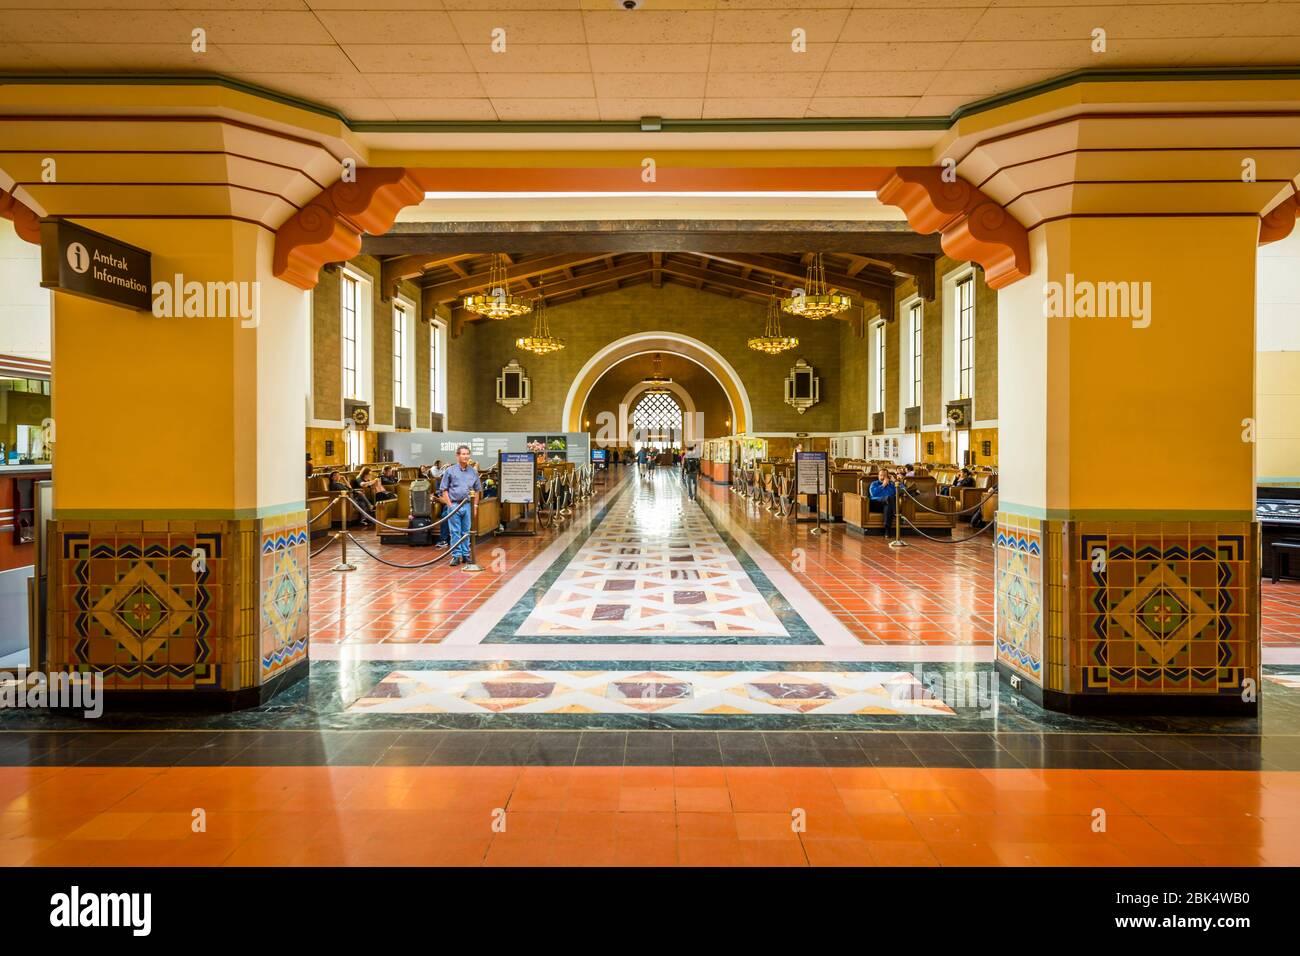 Blick auf den Innenbereich von Union Station, Los Angeles, Kalifornien, Vereinigte Staaten von Amerika, Nordamerika Stockfoto